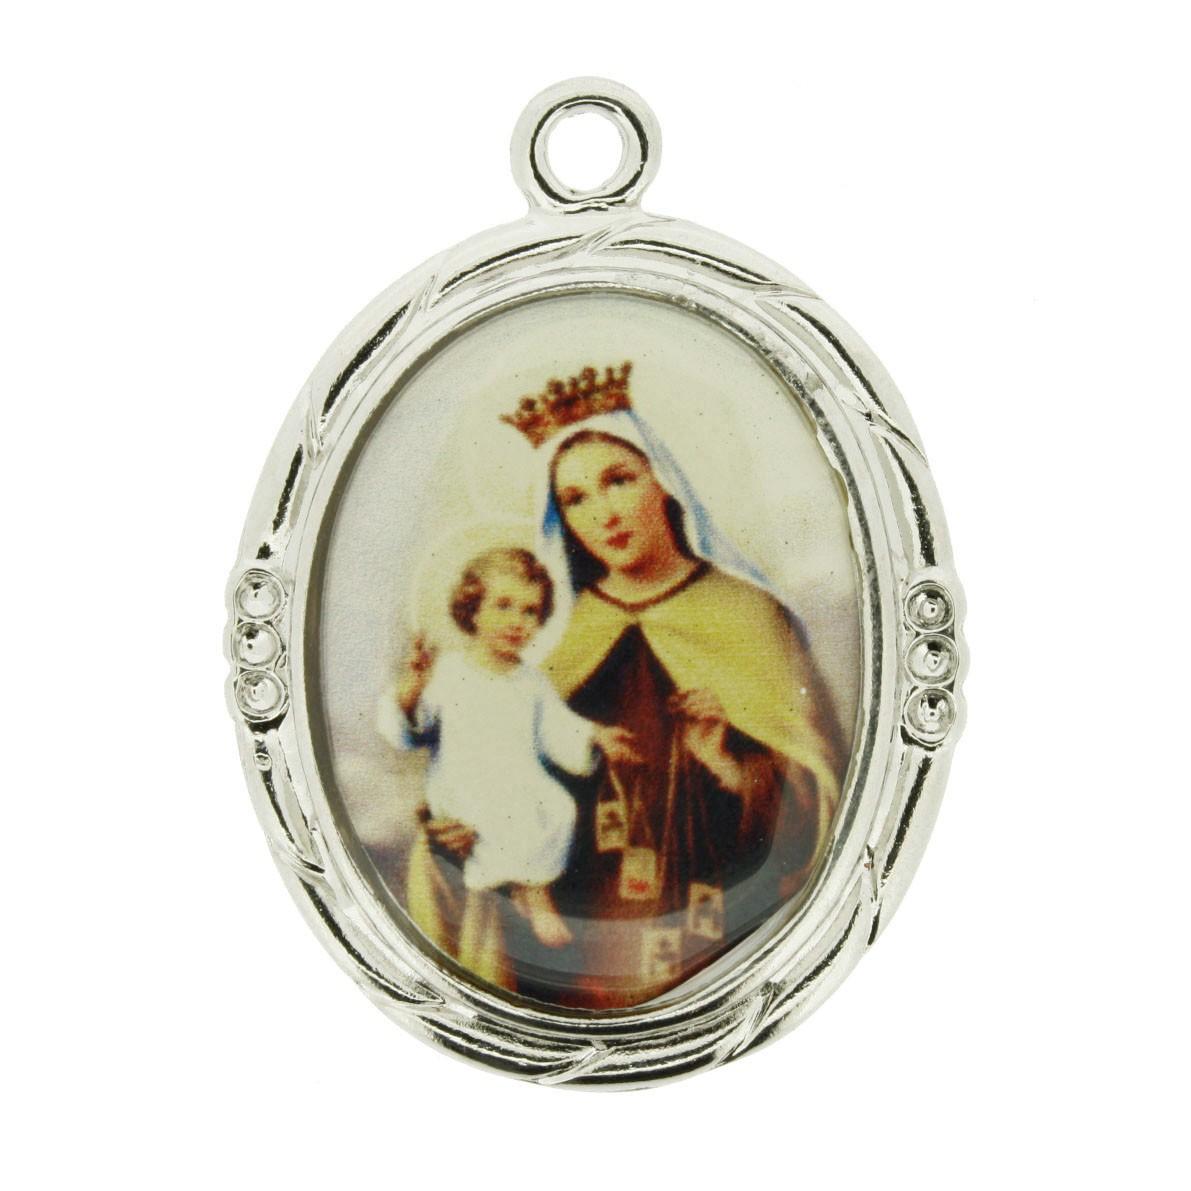 Nossa Senhora do Carmo - Níquel e Resina - 42mm  - Universo Religioso® - Artigos de Umbanda e Candomblé